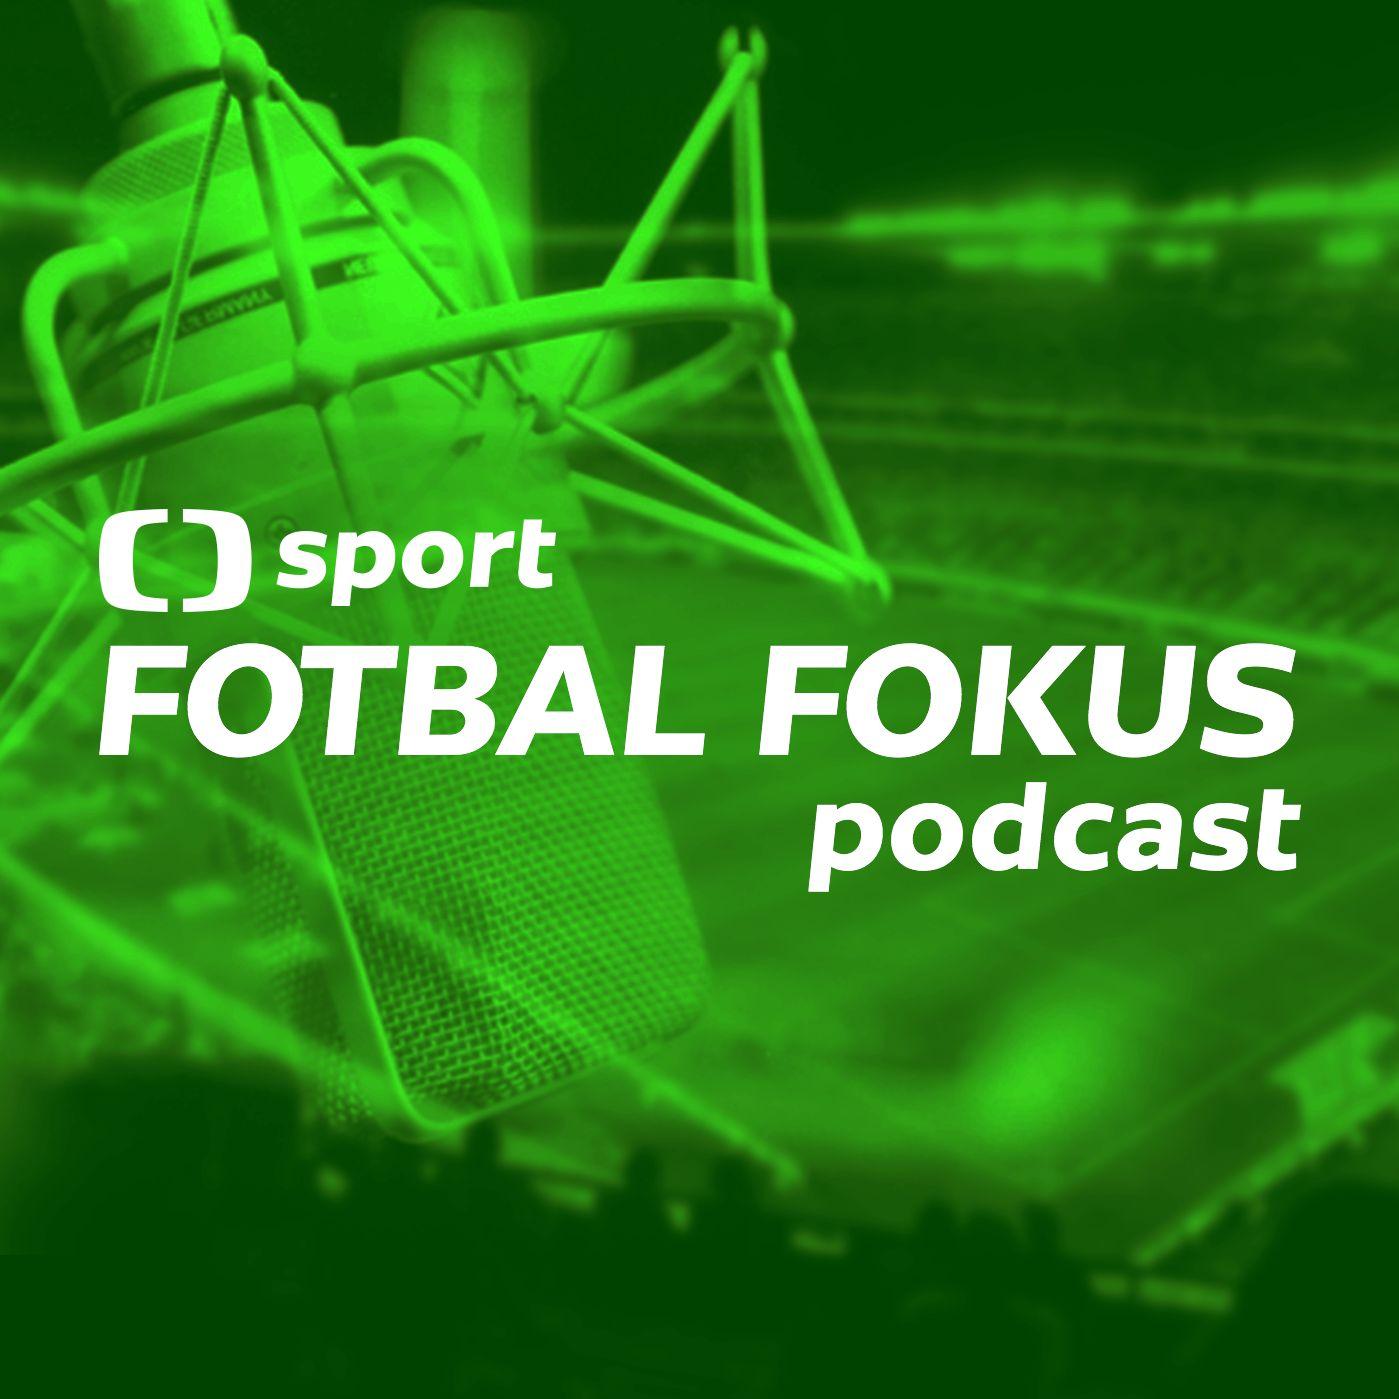 Fotbal fokus podcast s FDF: Je česká liga poslední výspou defenzivního fotbalu?